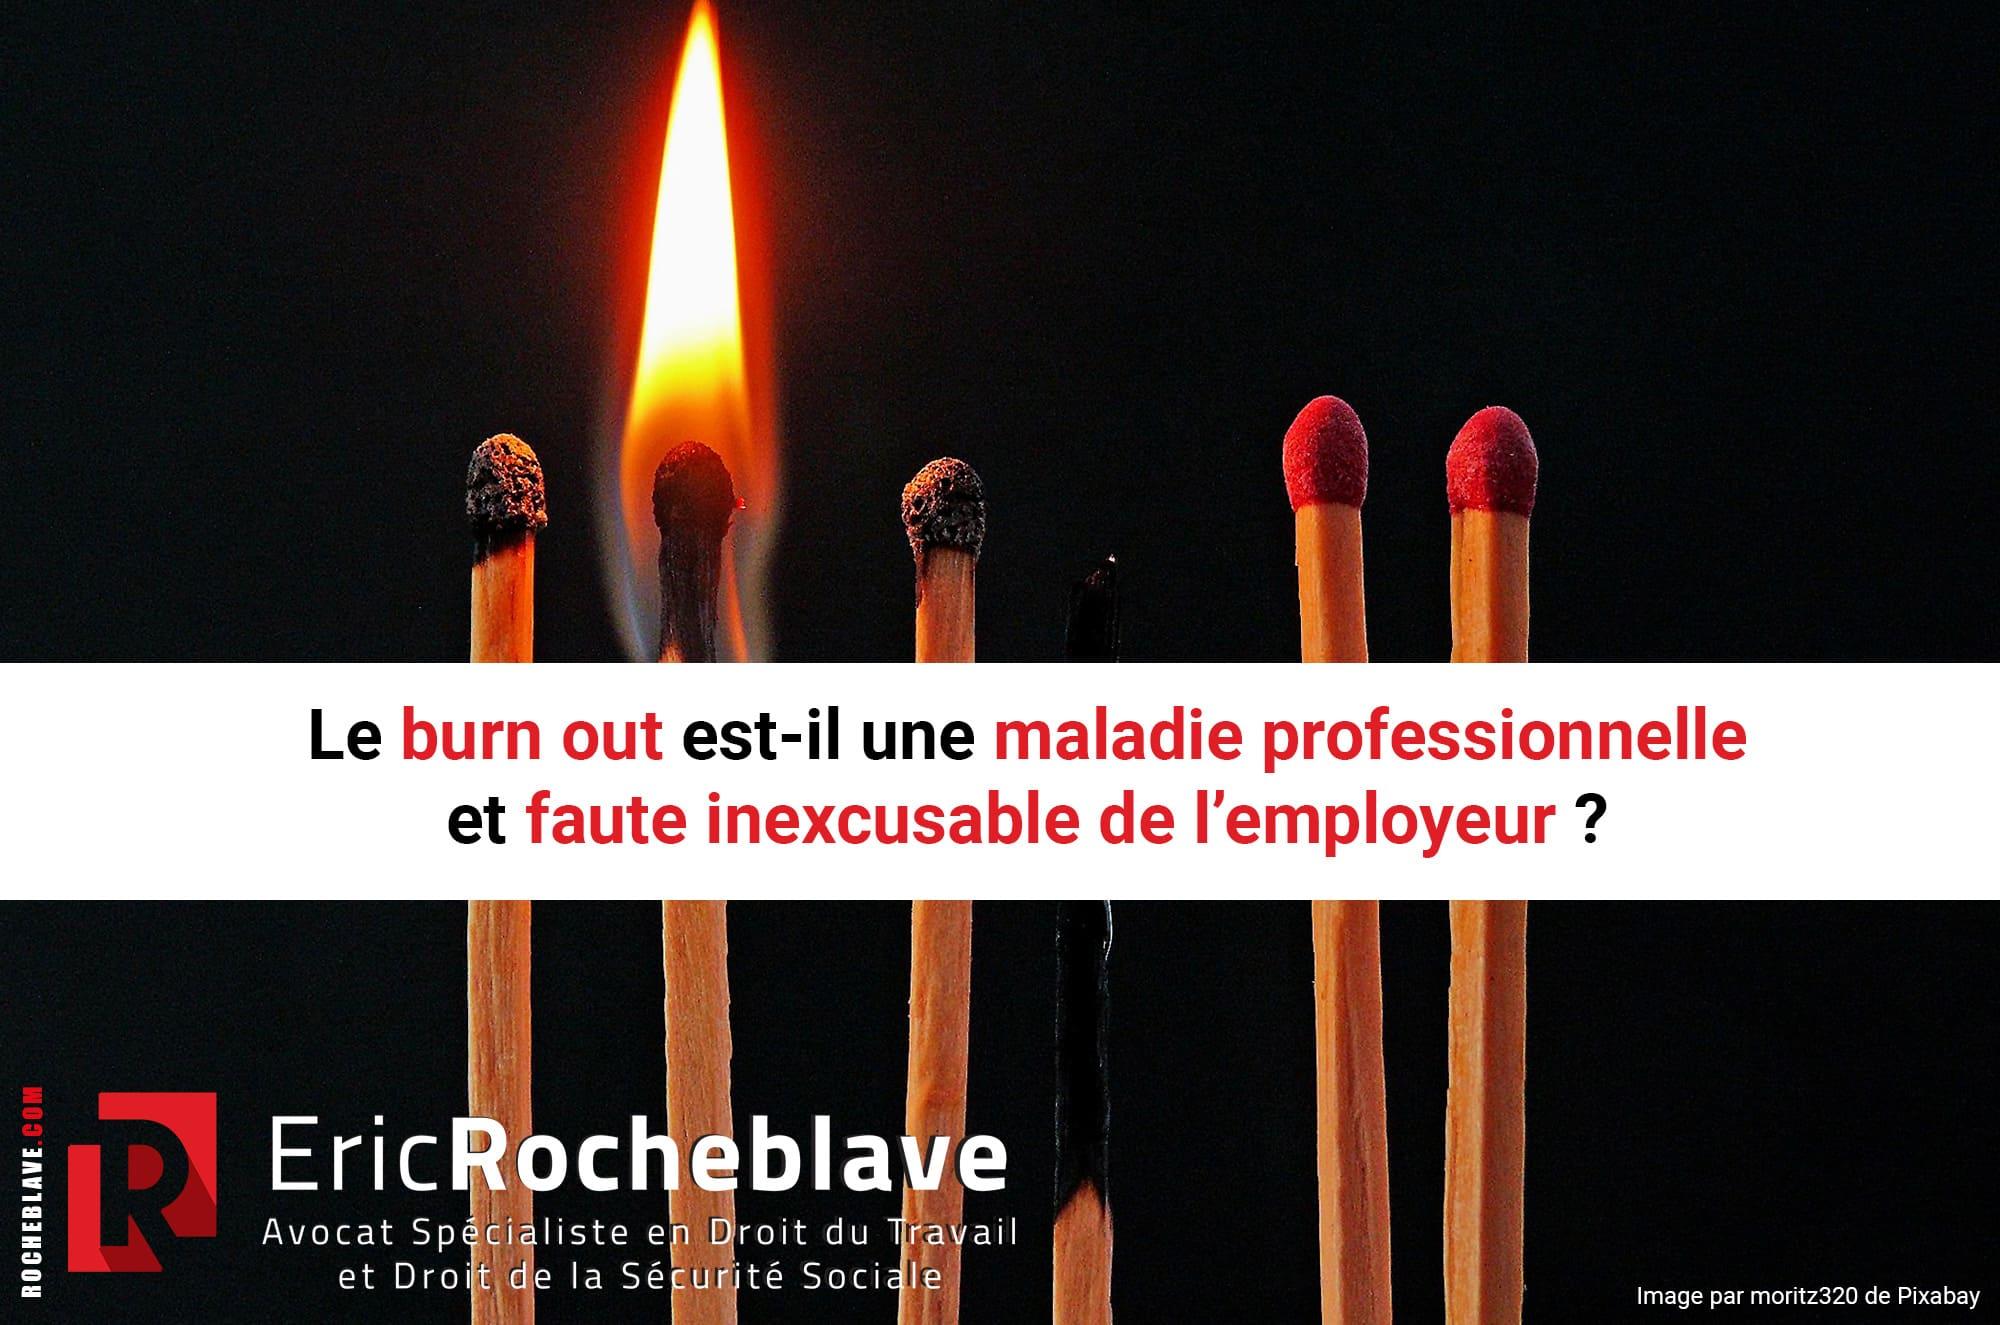 Le burn out est-il une maladie professionnelle et faute inexcusable de l'employeur ?